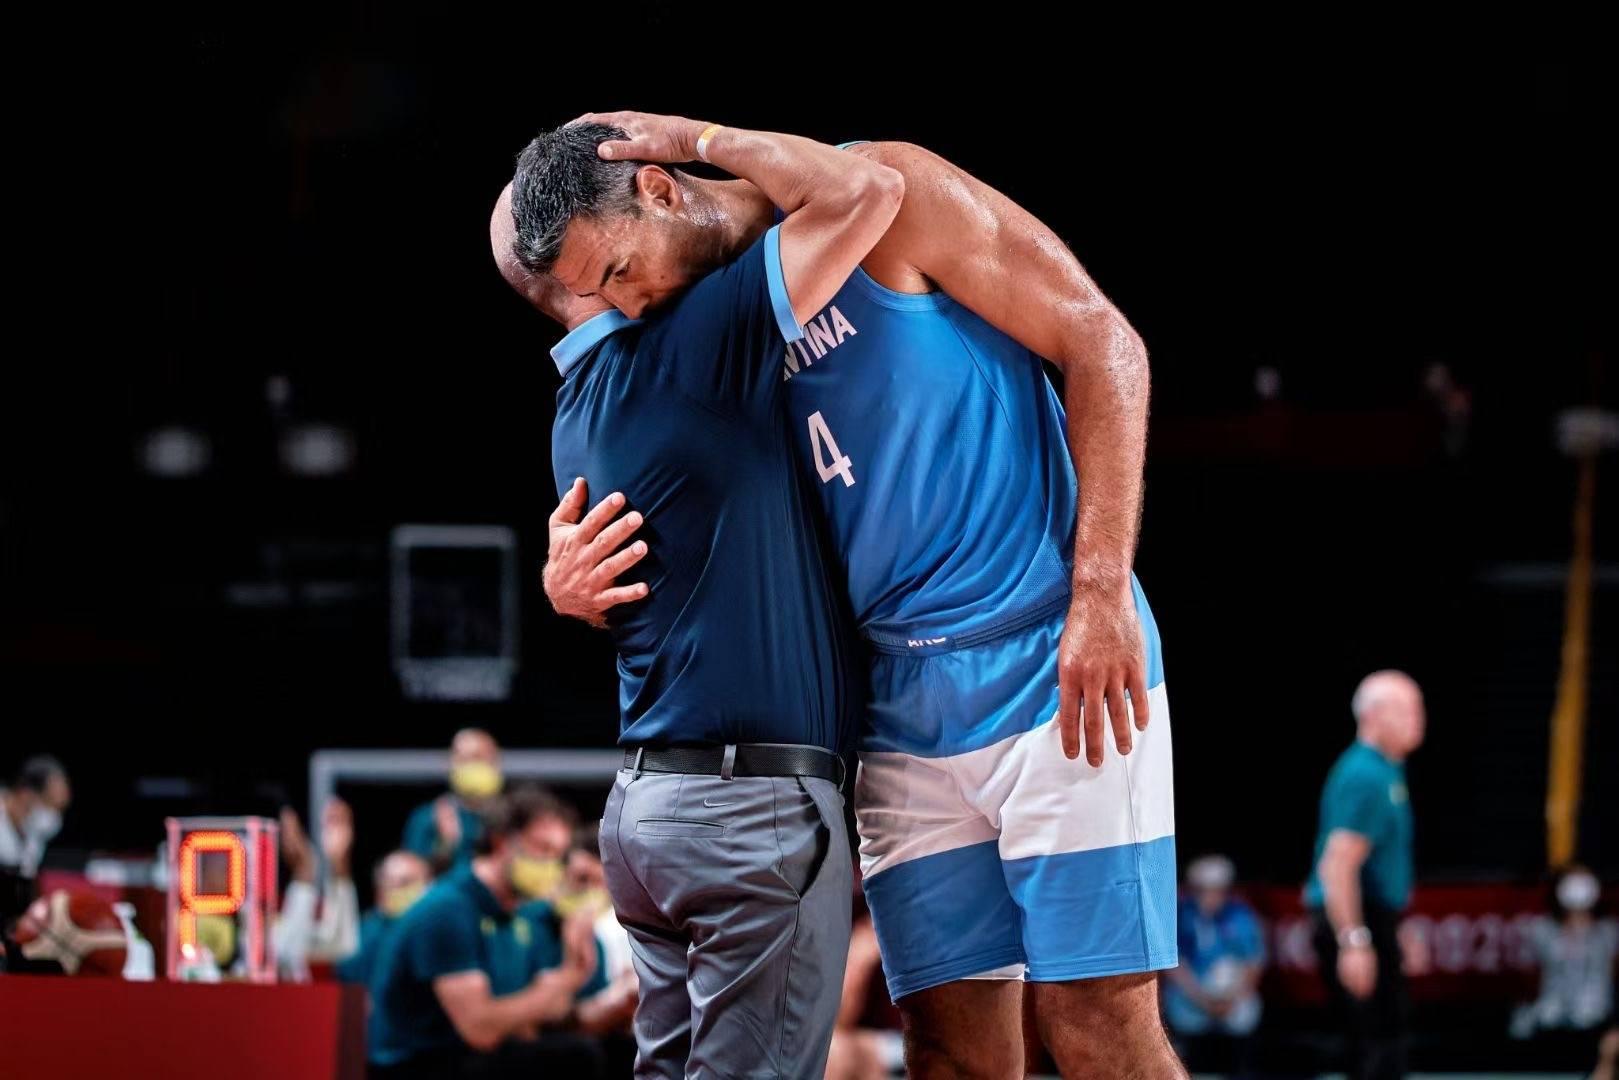 加索尔兄弟斯科拉告别奥运舞台 老兵不死只是日渐凋零